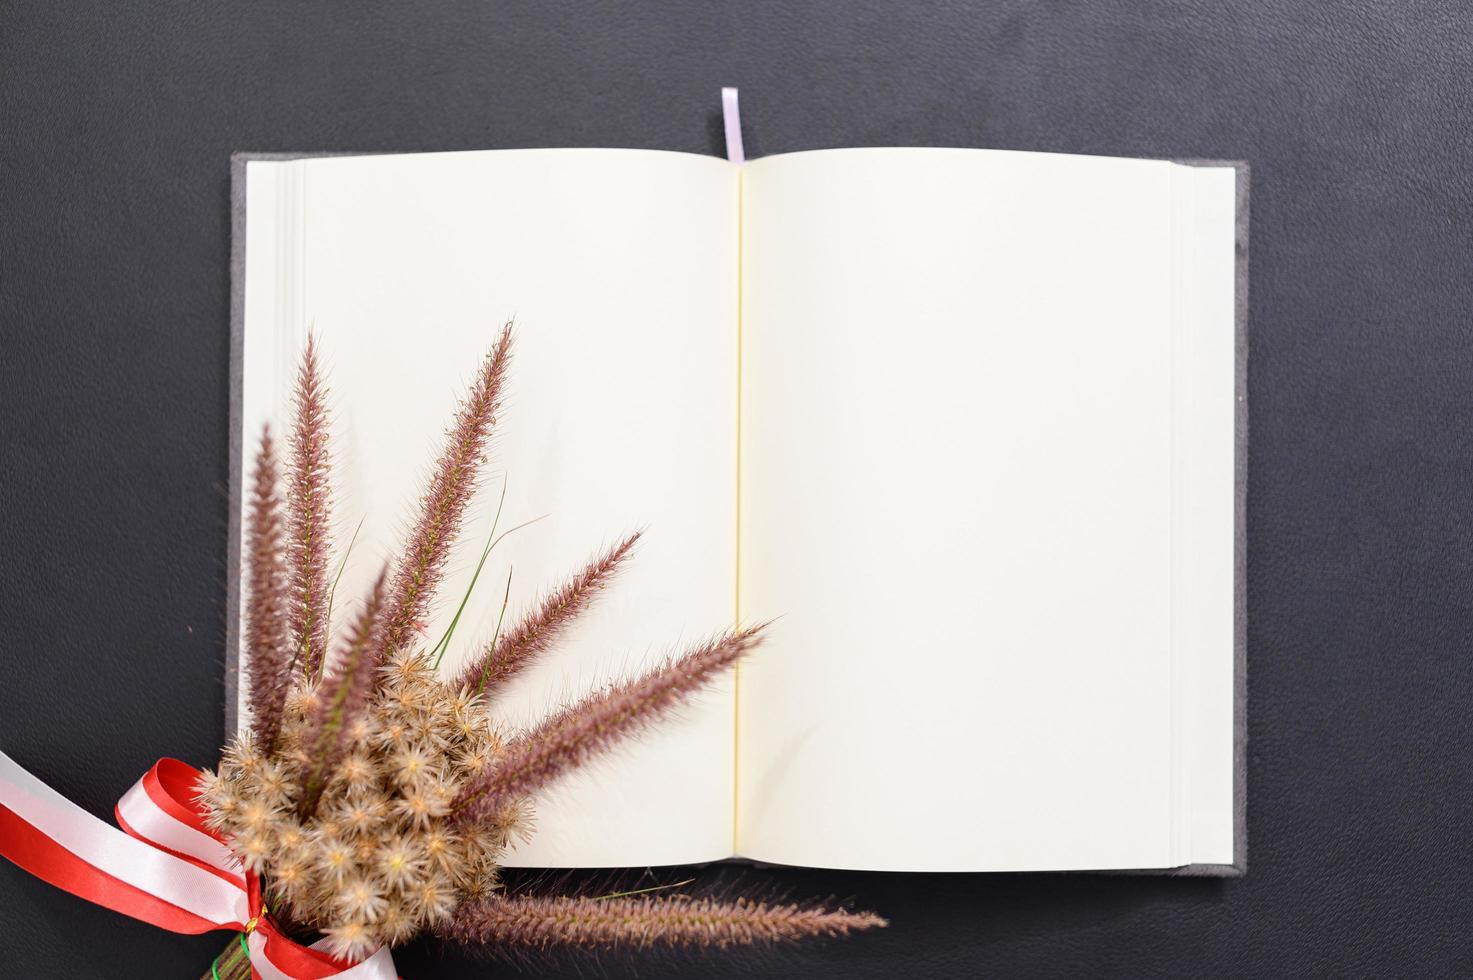 cahier vierge sur le bureau photo